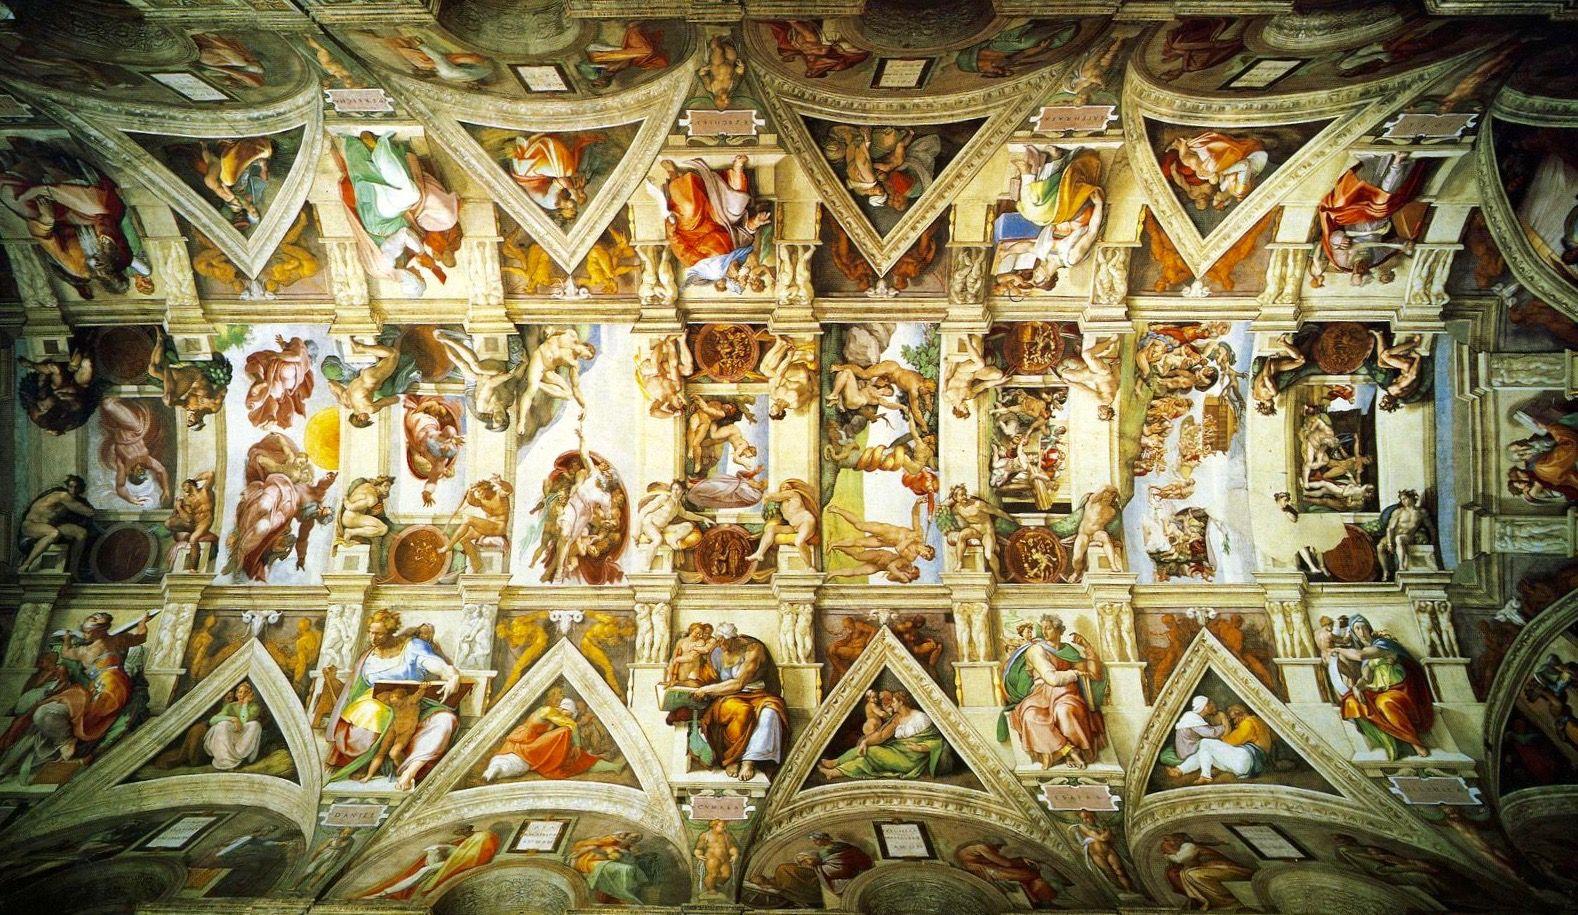 Michelangelo Wallpapers   Top Michelangelo Backgrounds 1578x915